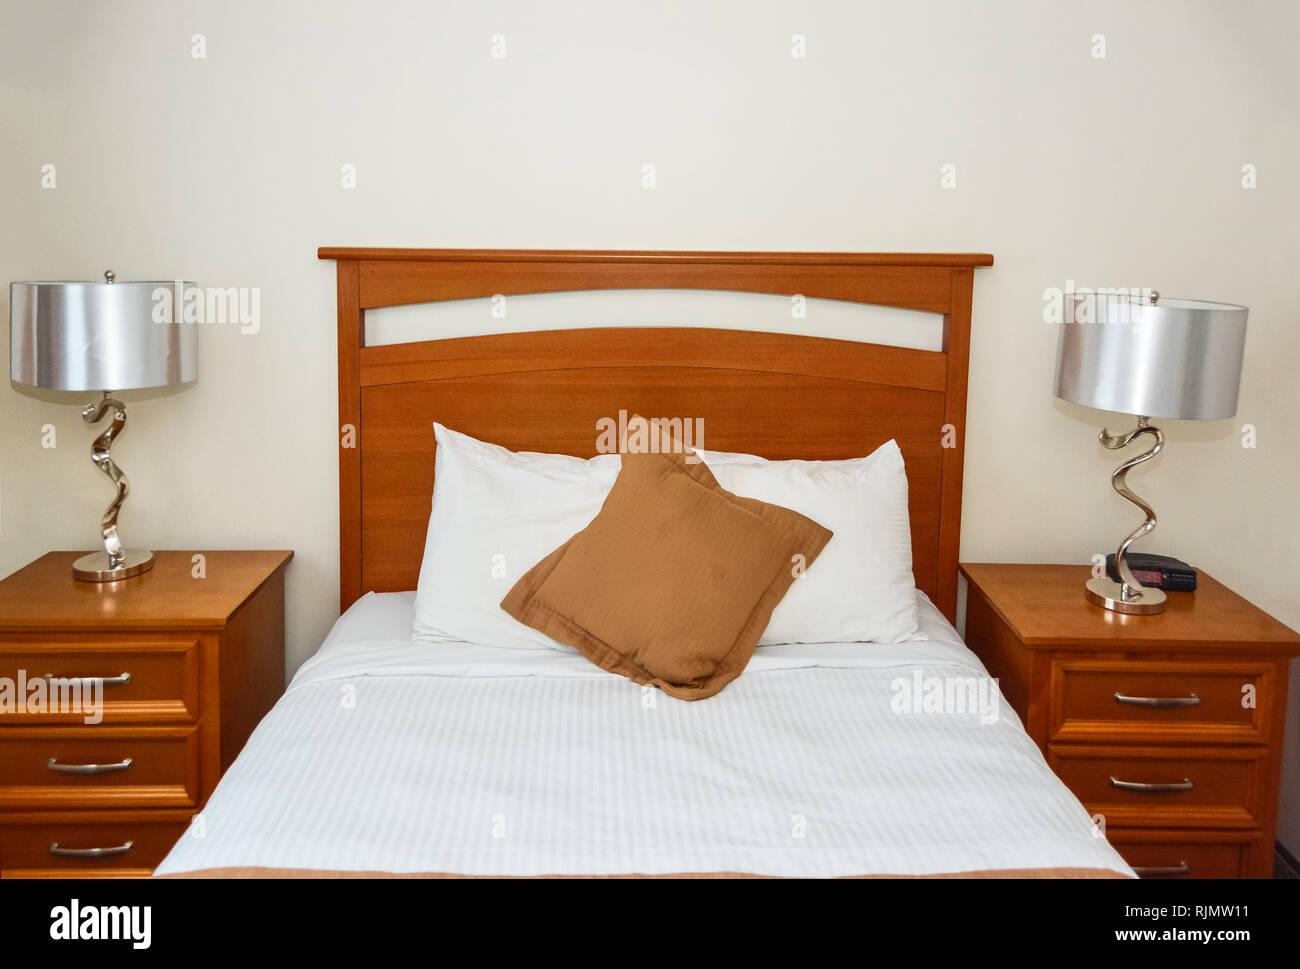 Lampadario Camera Da Letto Matrimoniale : Letto matrimoniale in camera da letto con la lampada sul comodino